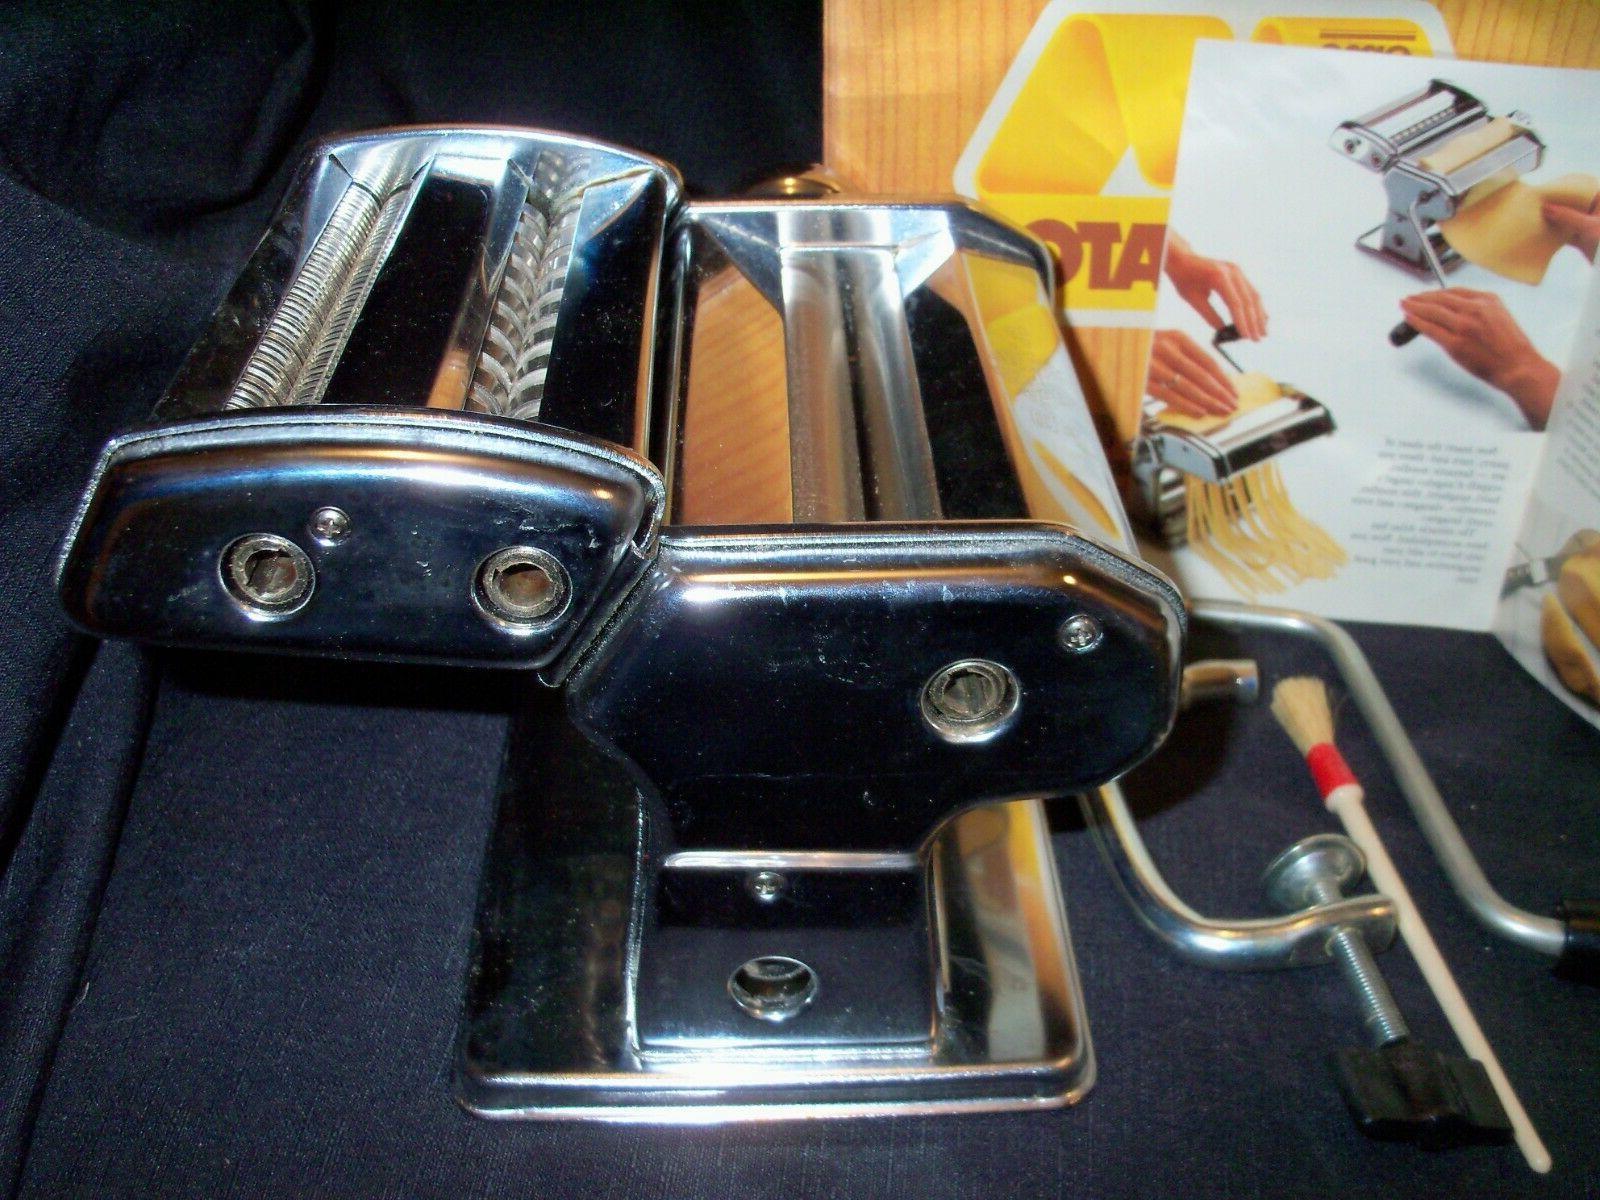 New OMC Marcato Atlas 150 Machine Pastabike w/box #2